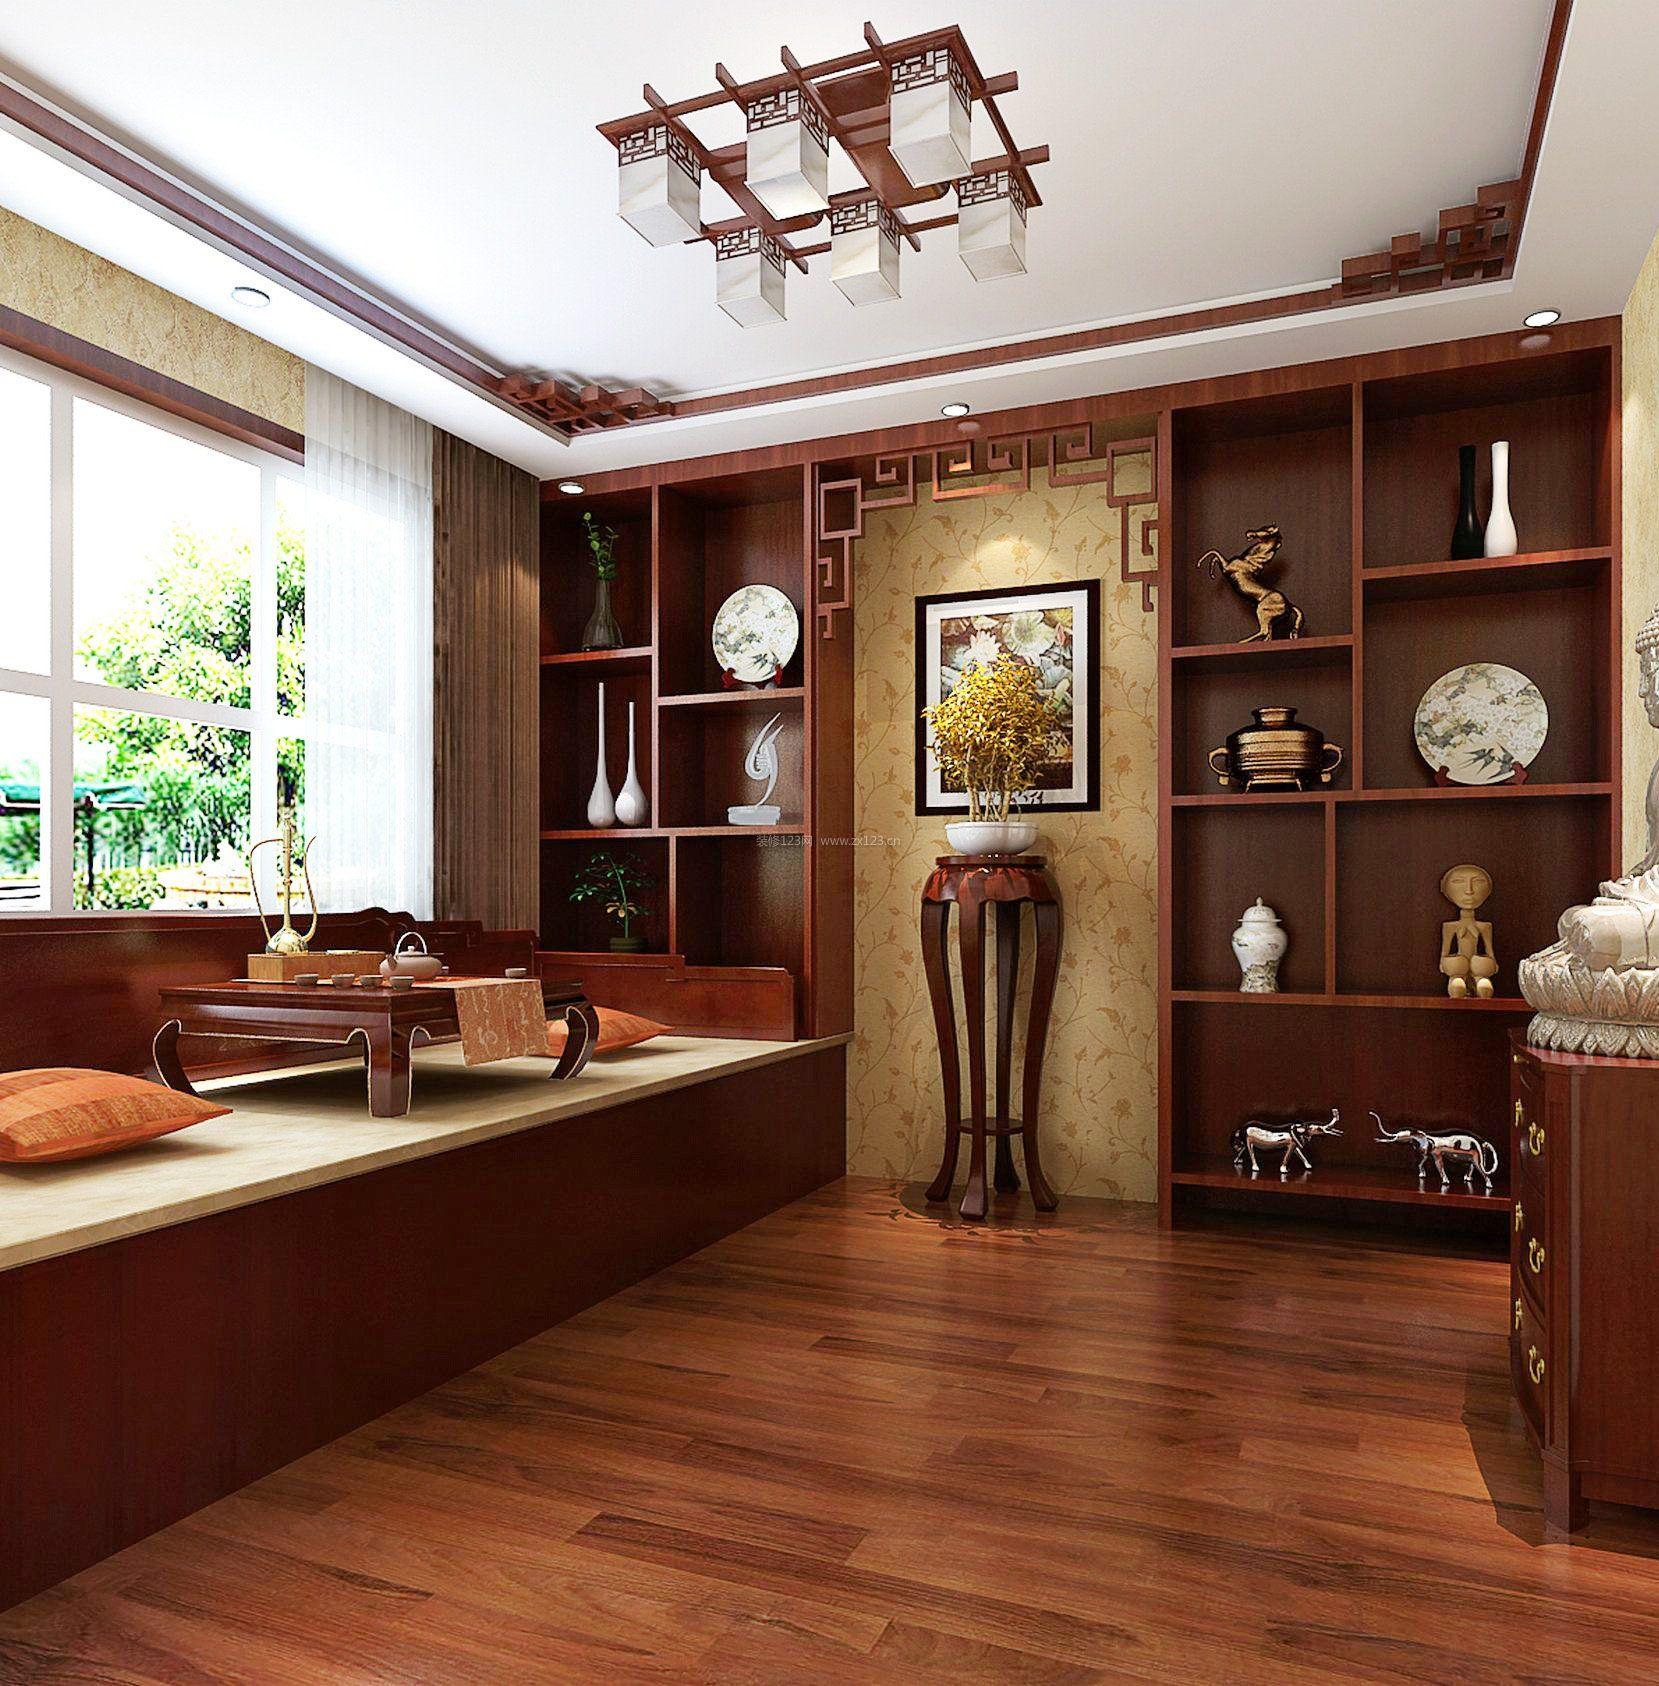 新中式家装风格博古架装修效果图大全